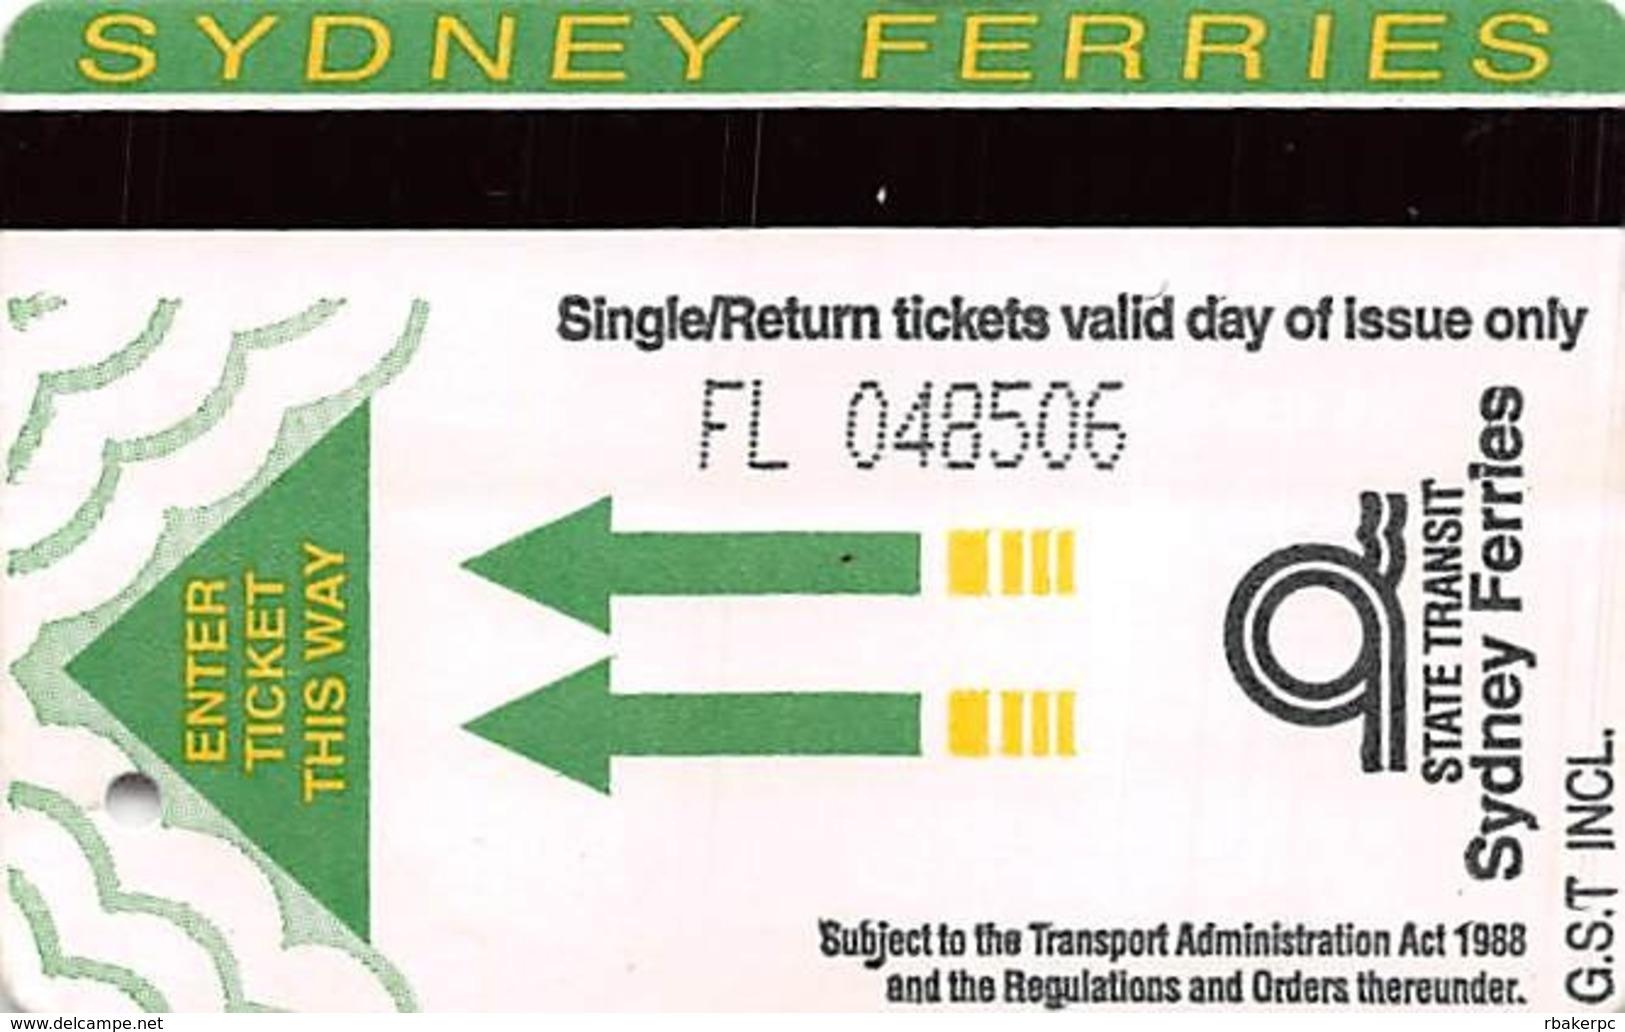 Sydney Ferries Single/Return Ticket - Tickets - Vouchers